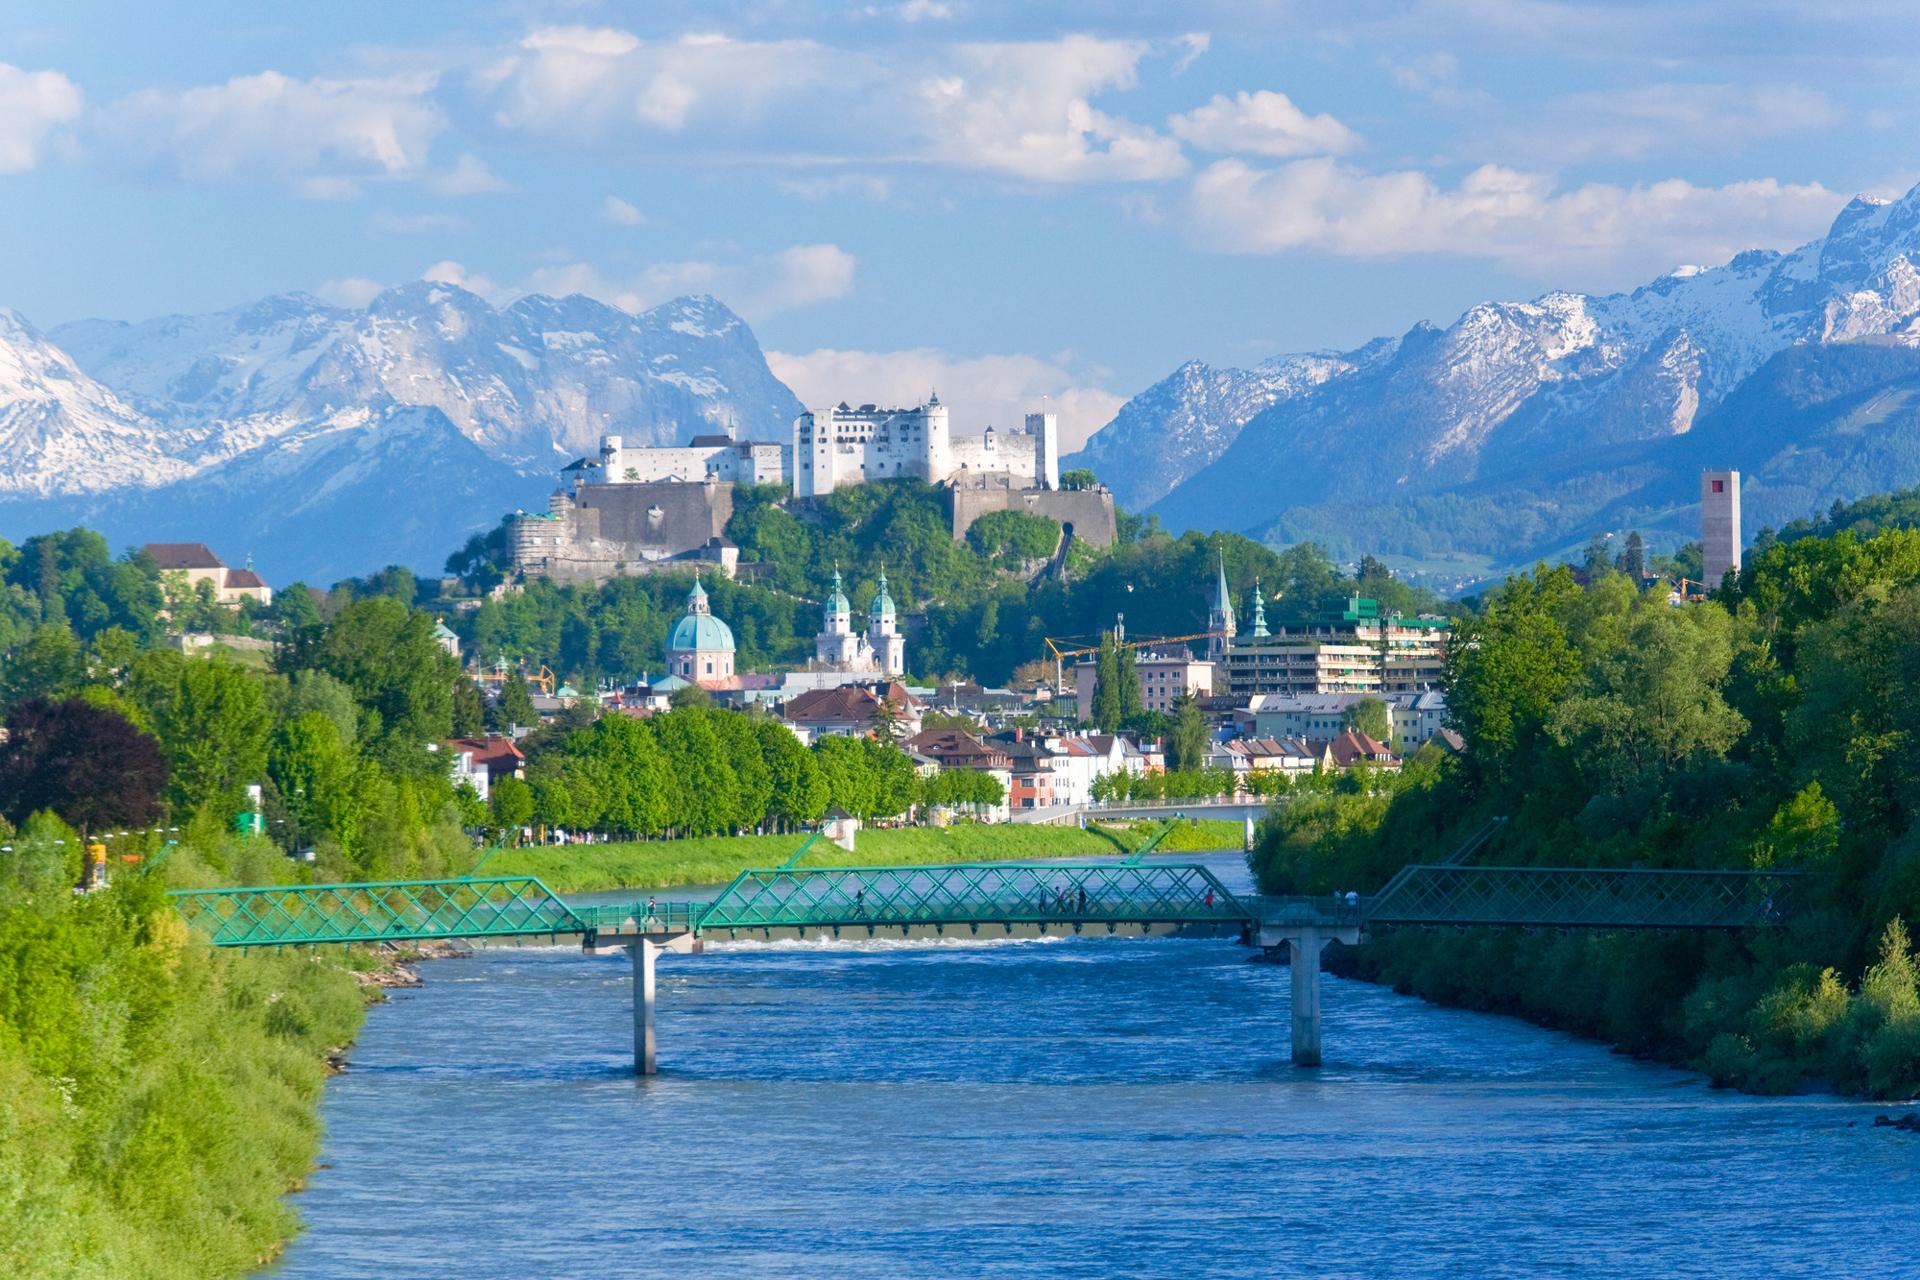 Blick auf die Stadt Salzburg über die Salzach, Kirchtürme, Festung und Berge im Hintergrund